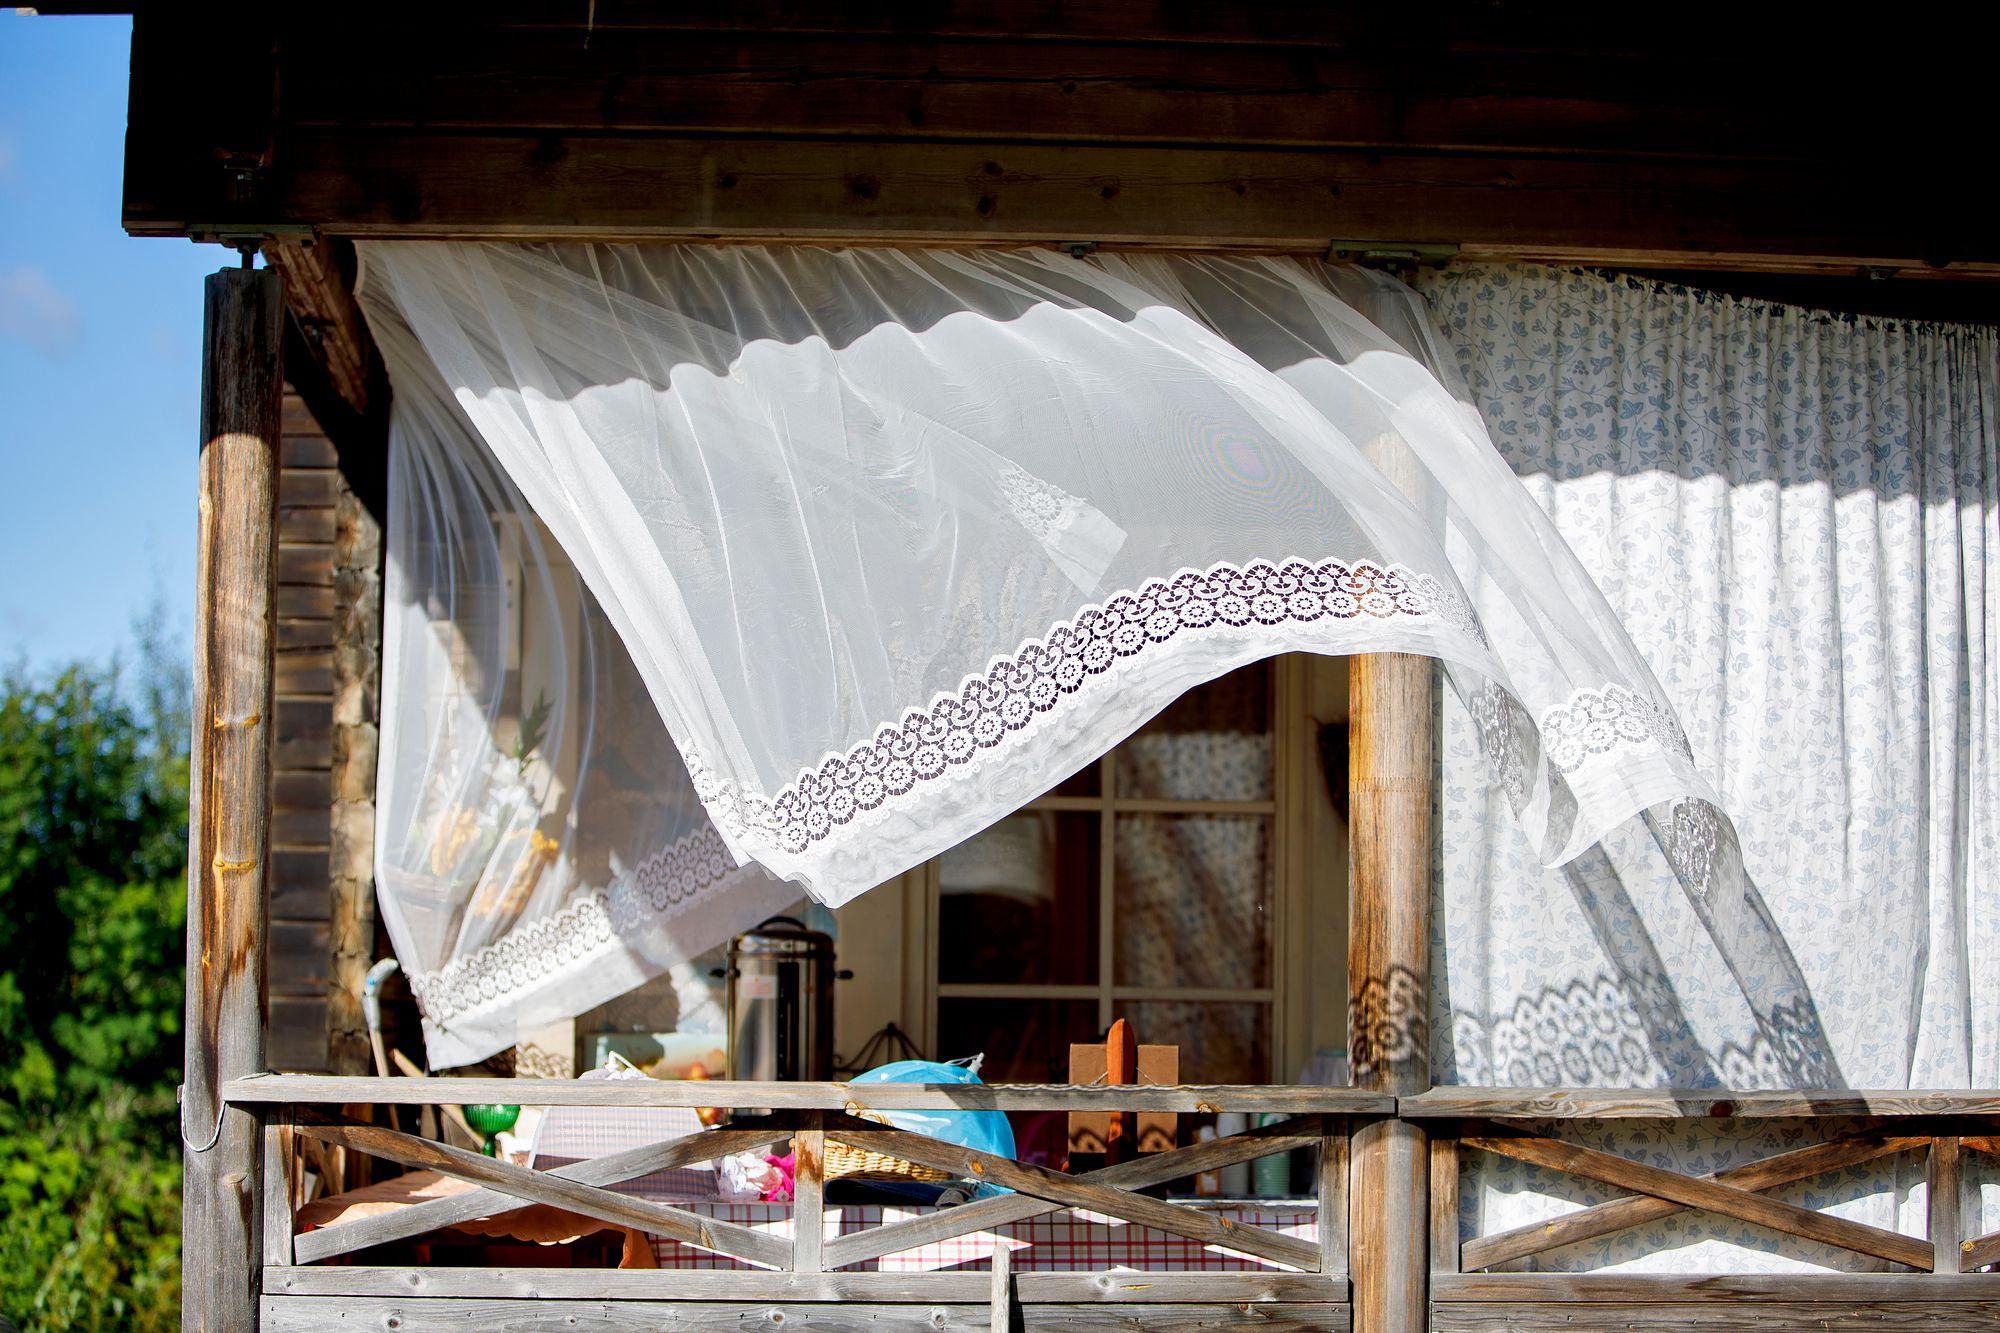 Talon terassilla praasniekkavieraat virkistäytyvät pöydän antimien äärellä ja vaihtavat kuulumisia. © Hanna-Kaisa Hämäläinen